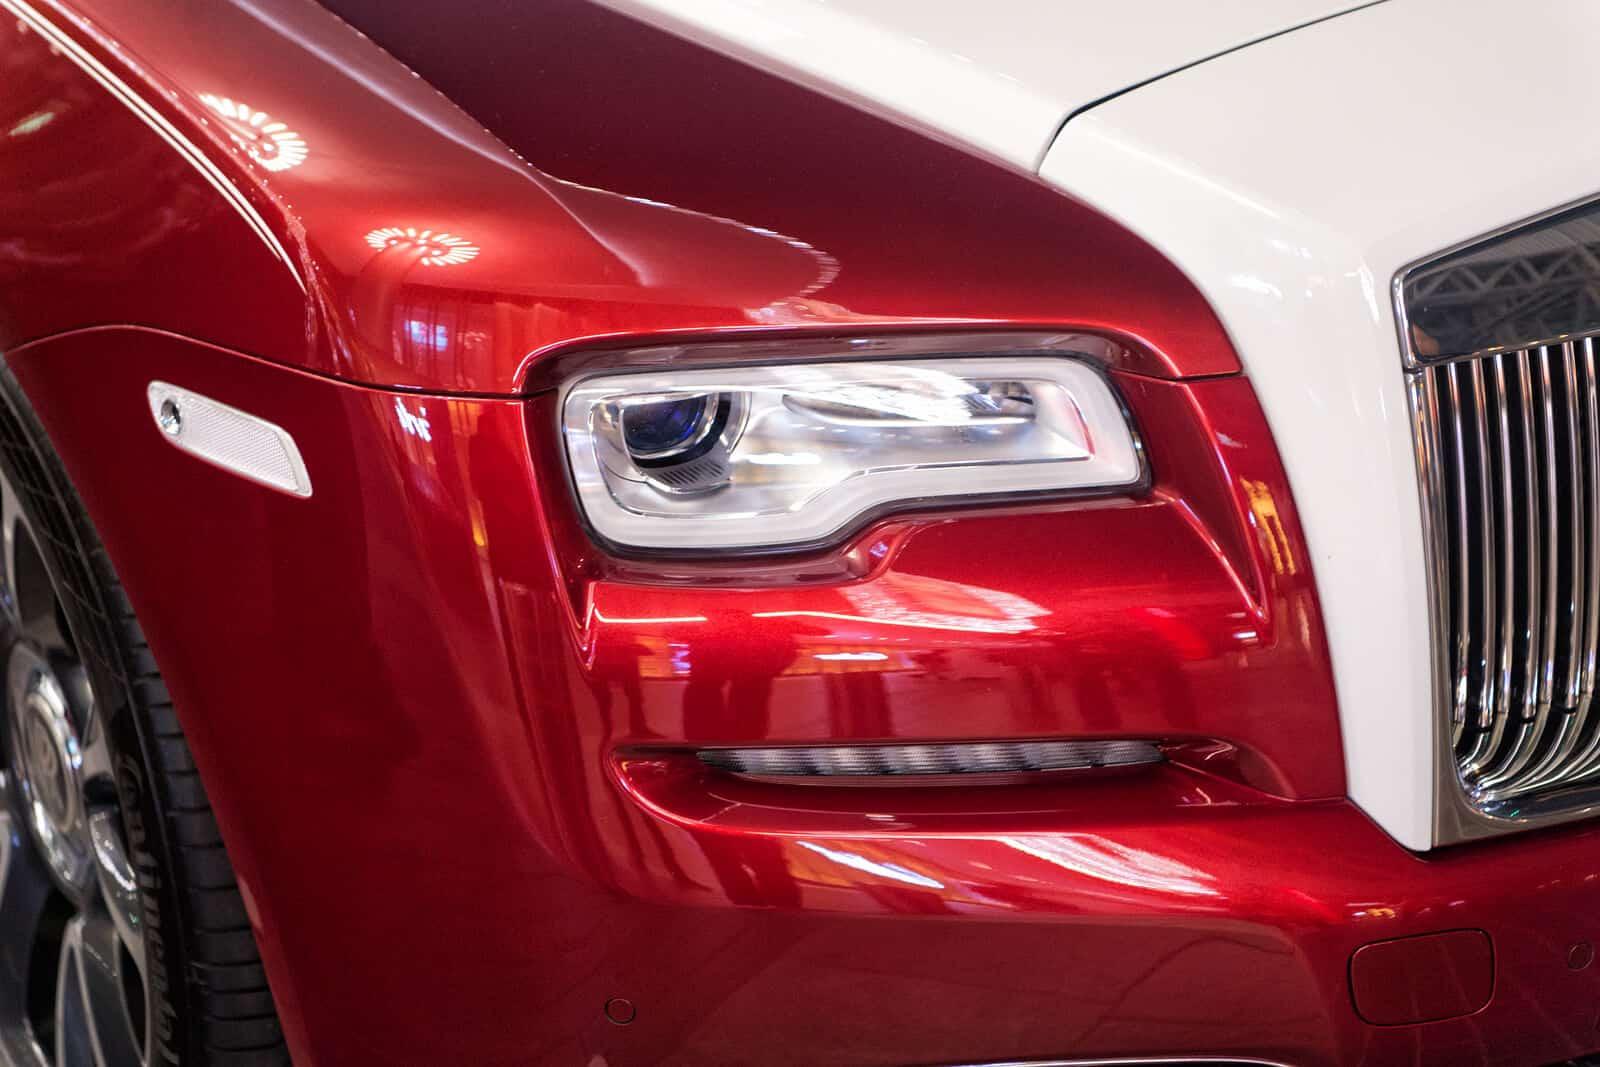 Front headlights of Rolls Royce